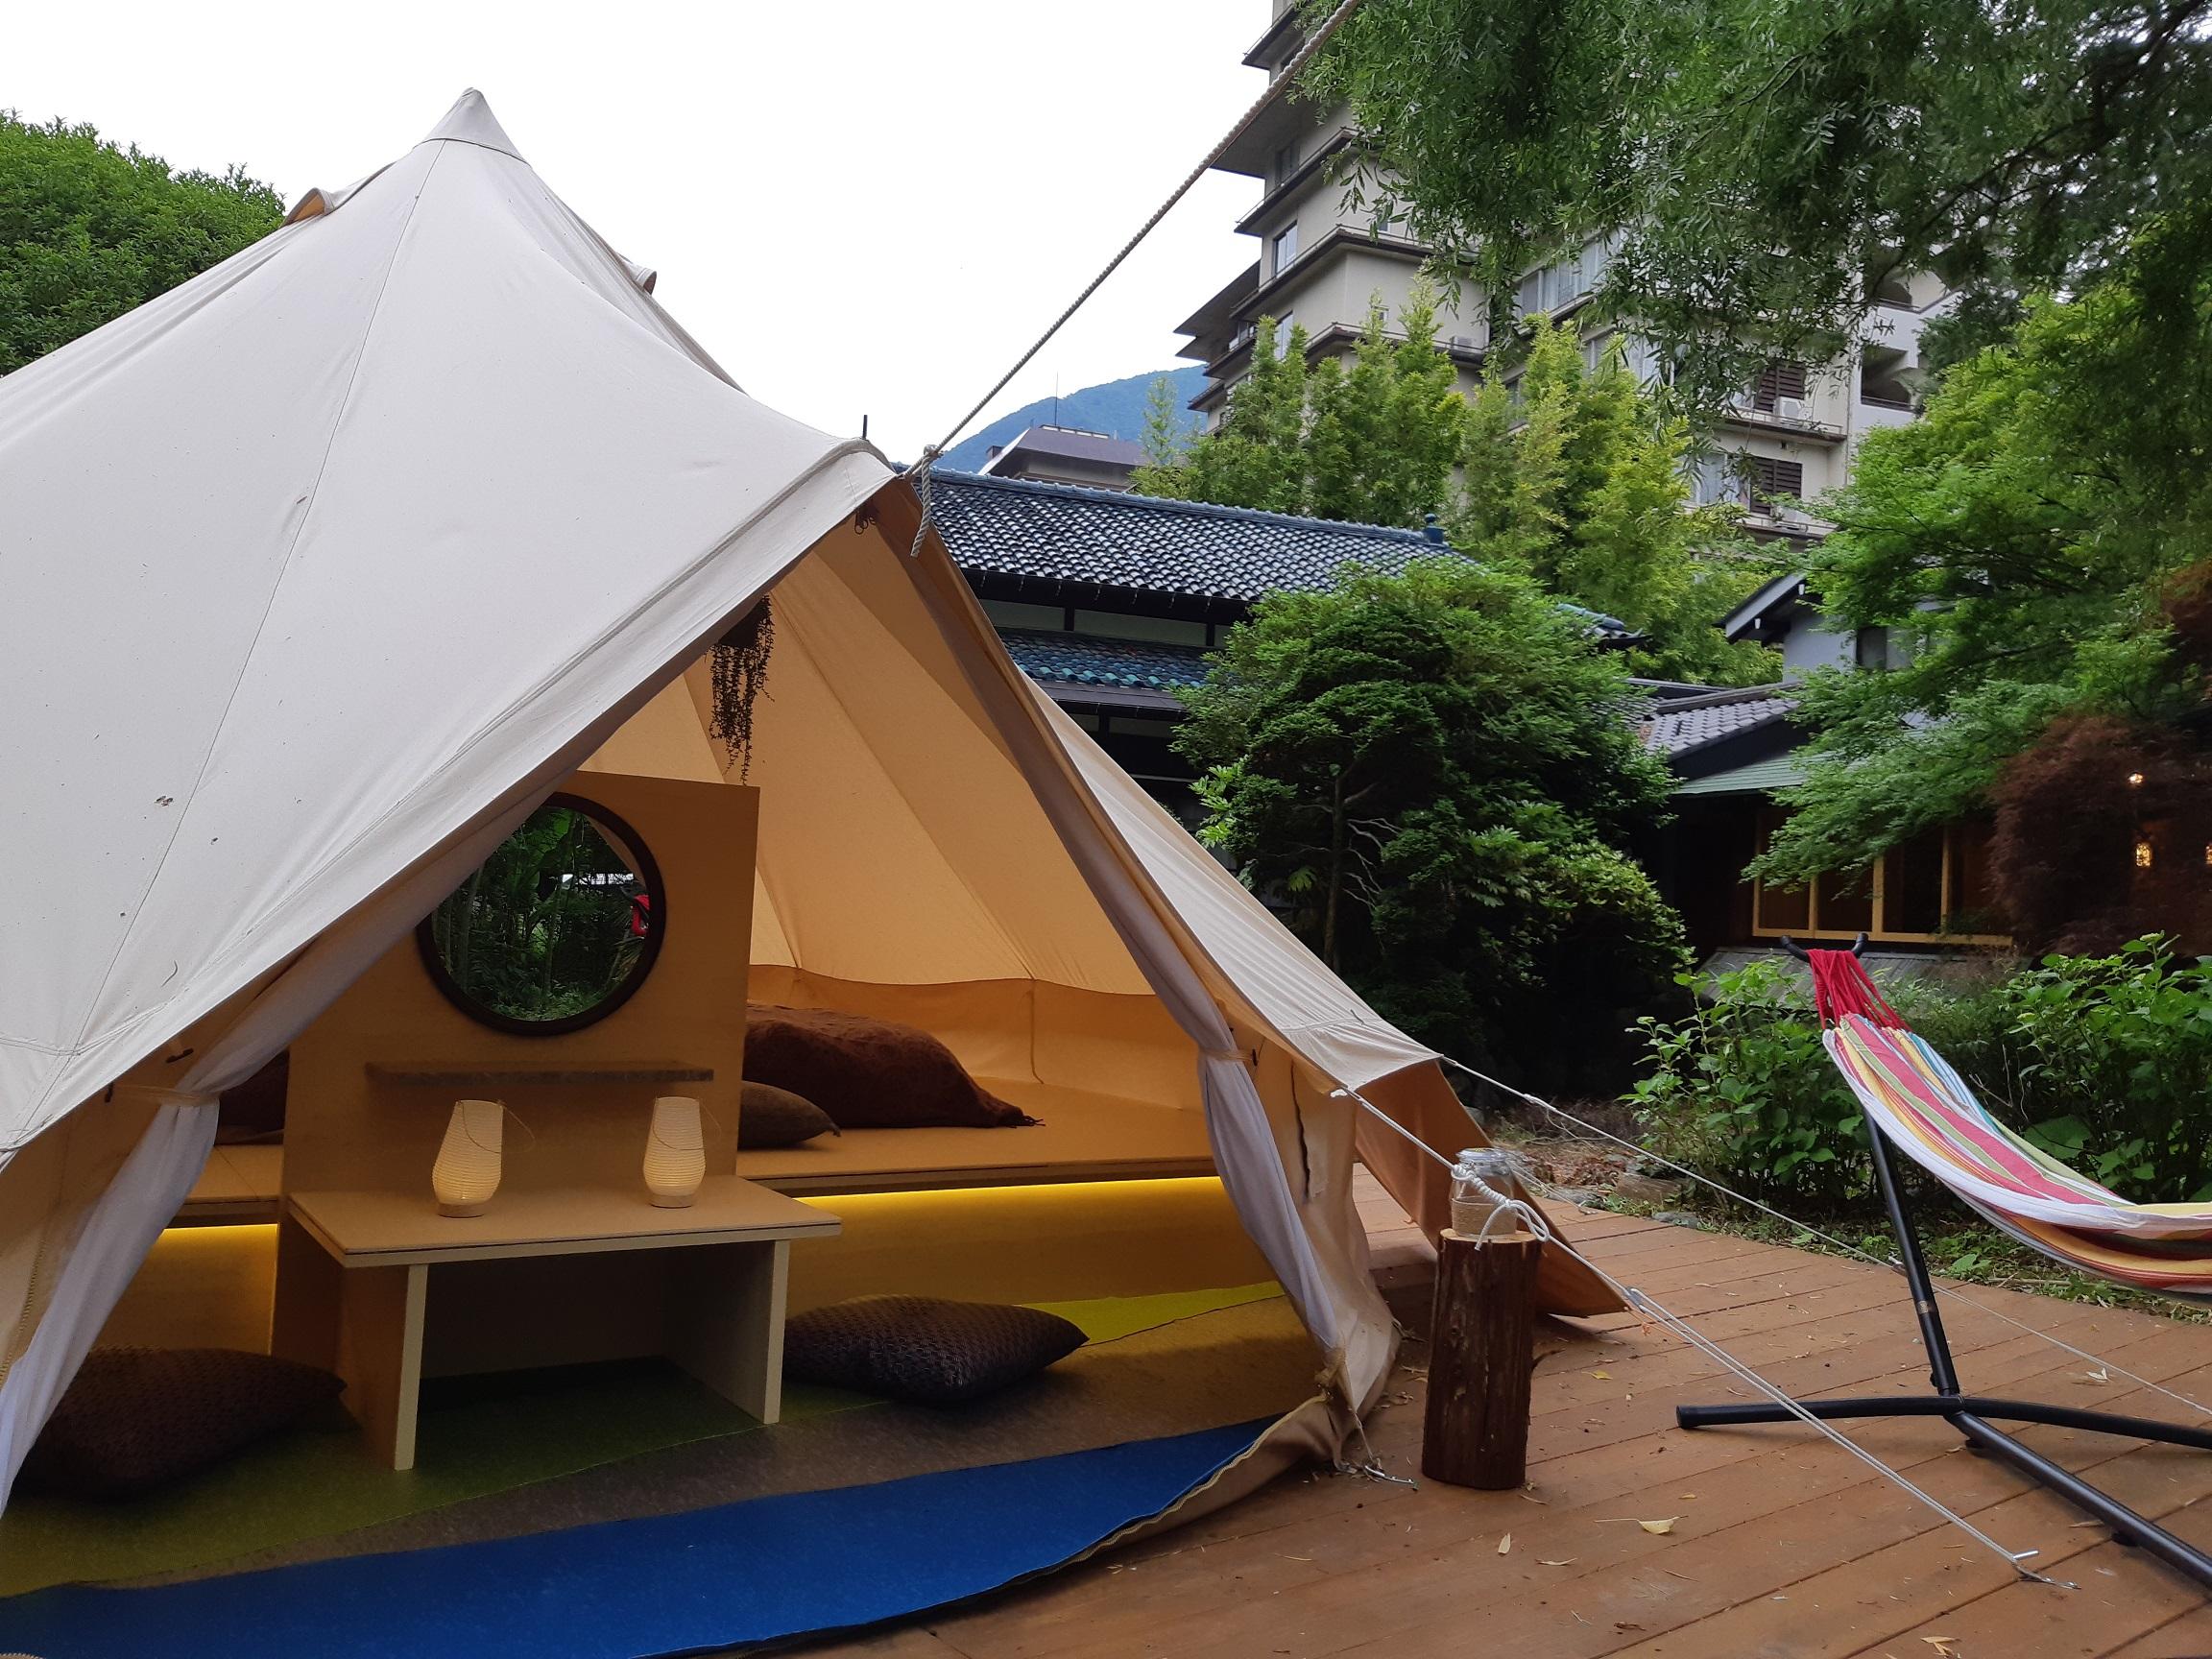 南山梨エリアで初!「和モダン×グランピング」の 1日1組限定 宿泊体験を期間限定で開始